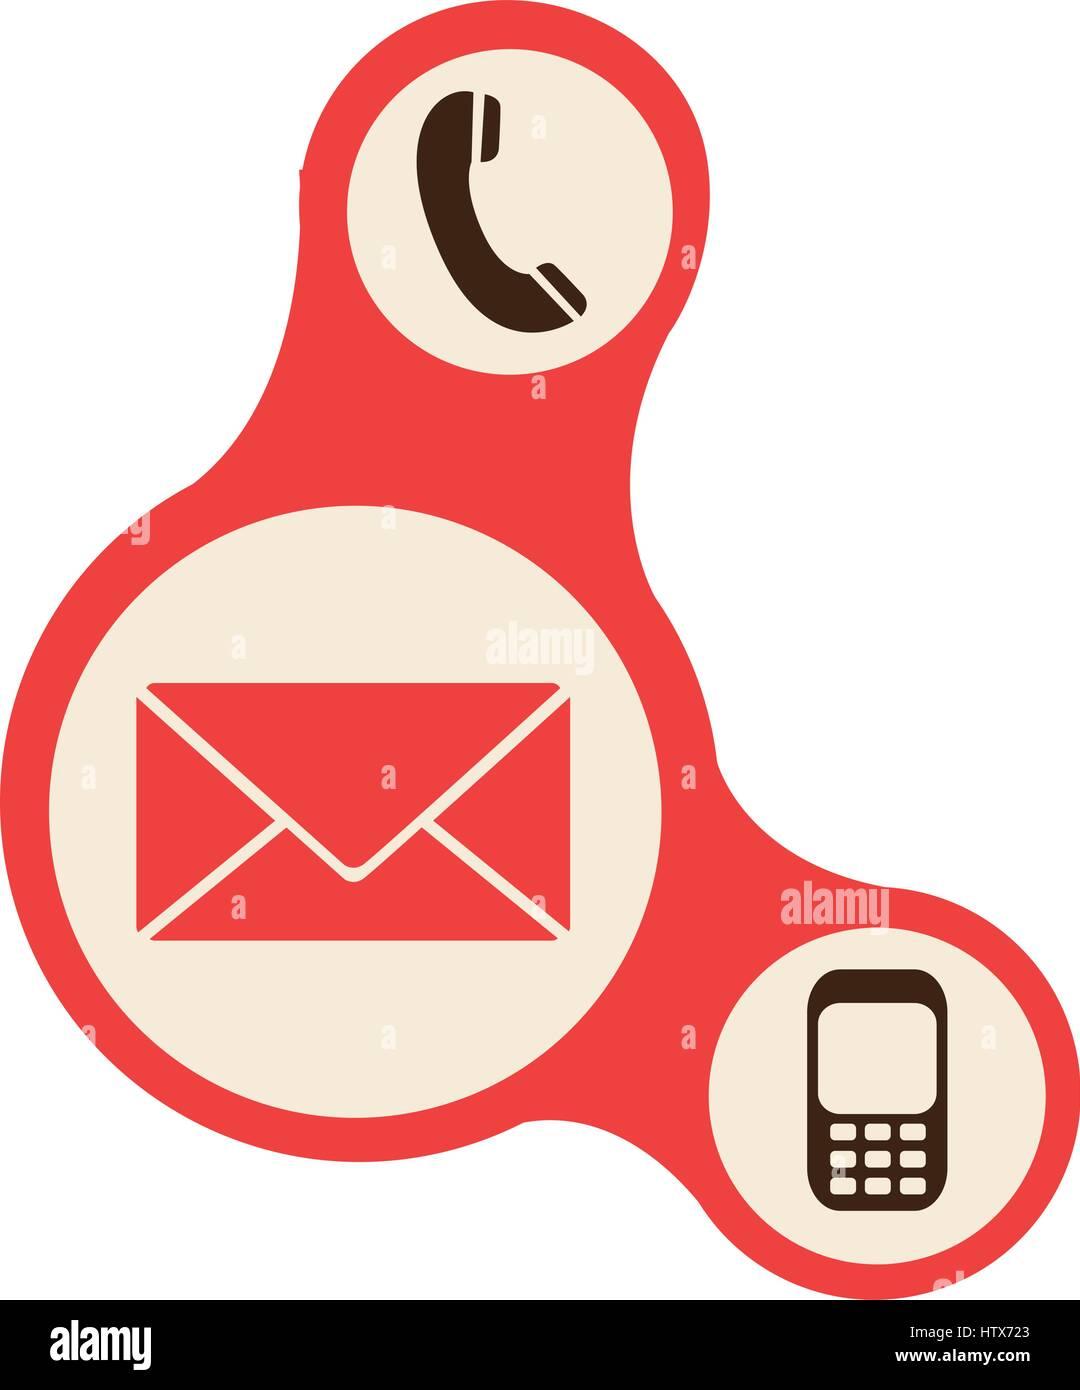 Pulsanti rossi icone del servizio dati Immagini Stock